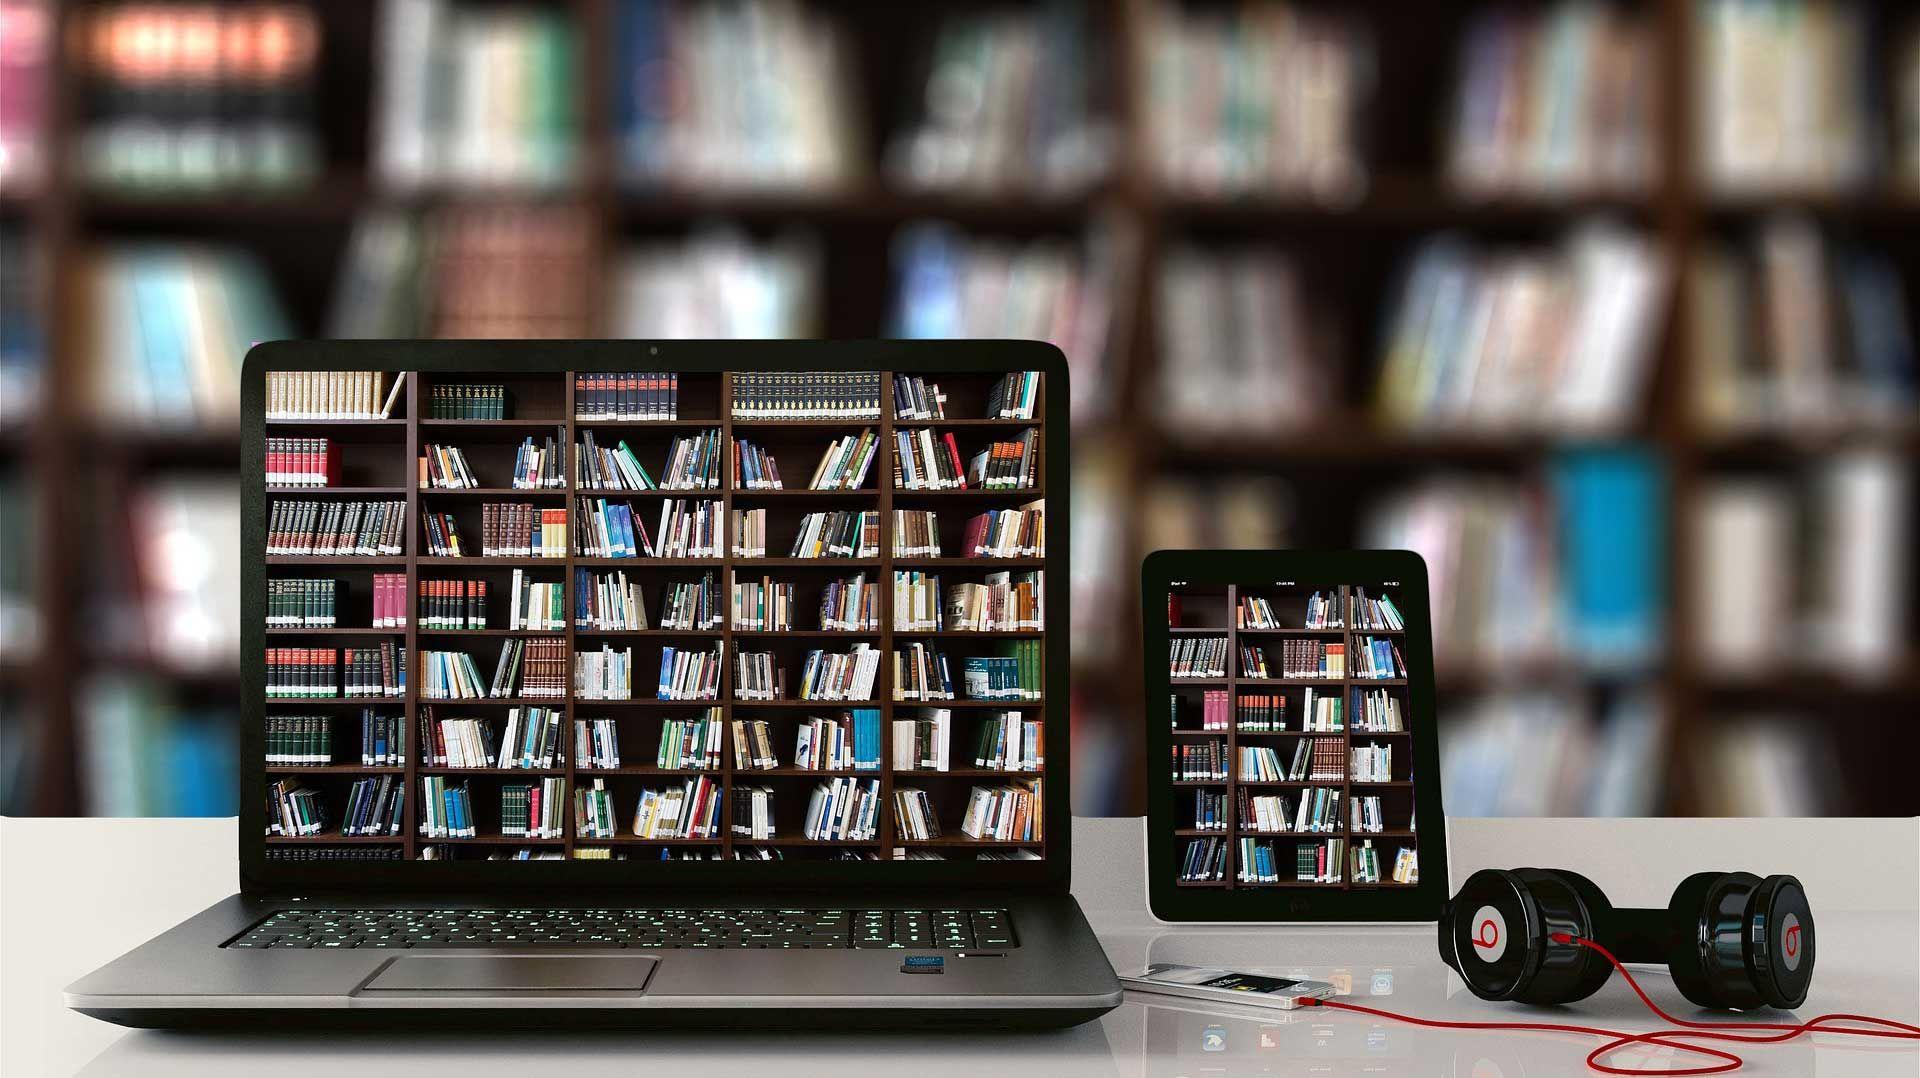 Quienes descarguen la app o ingresen a la plataforma tendrán acceso directo a la lectura, sin límites ni impedimentos.